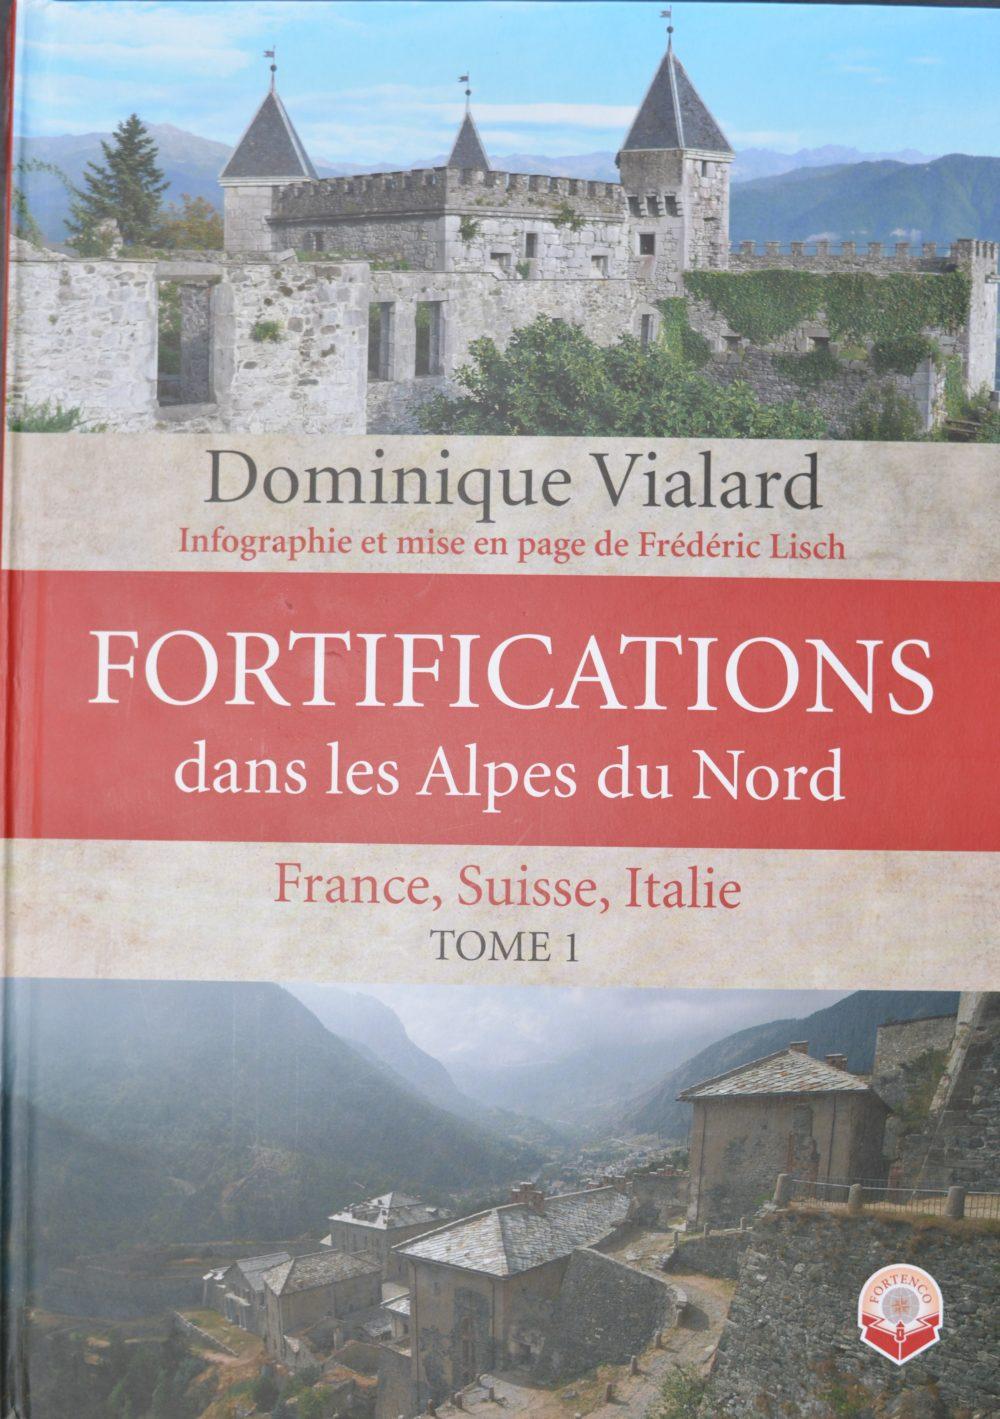 Fortifications dans les Alpes du Nord